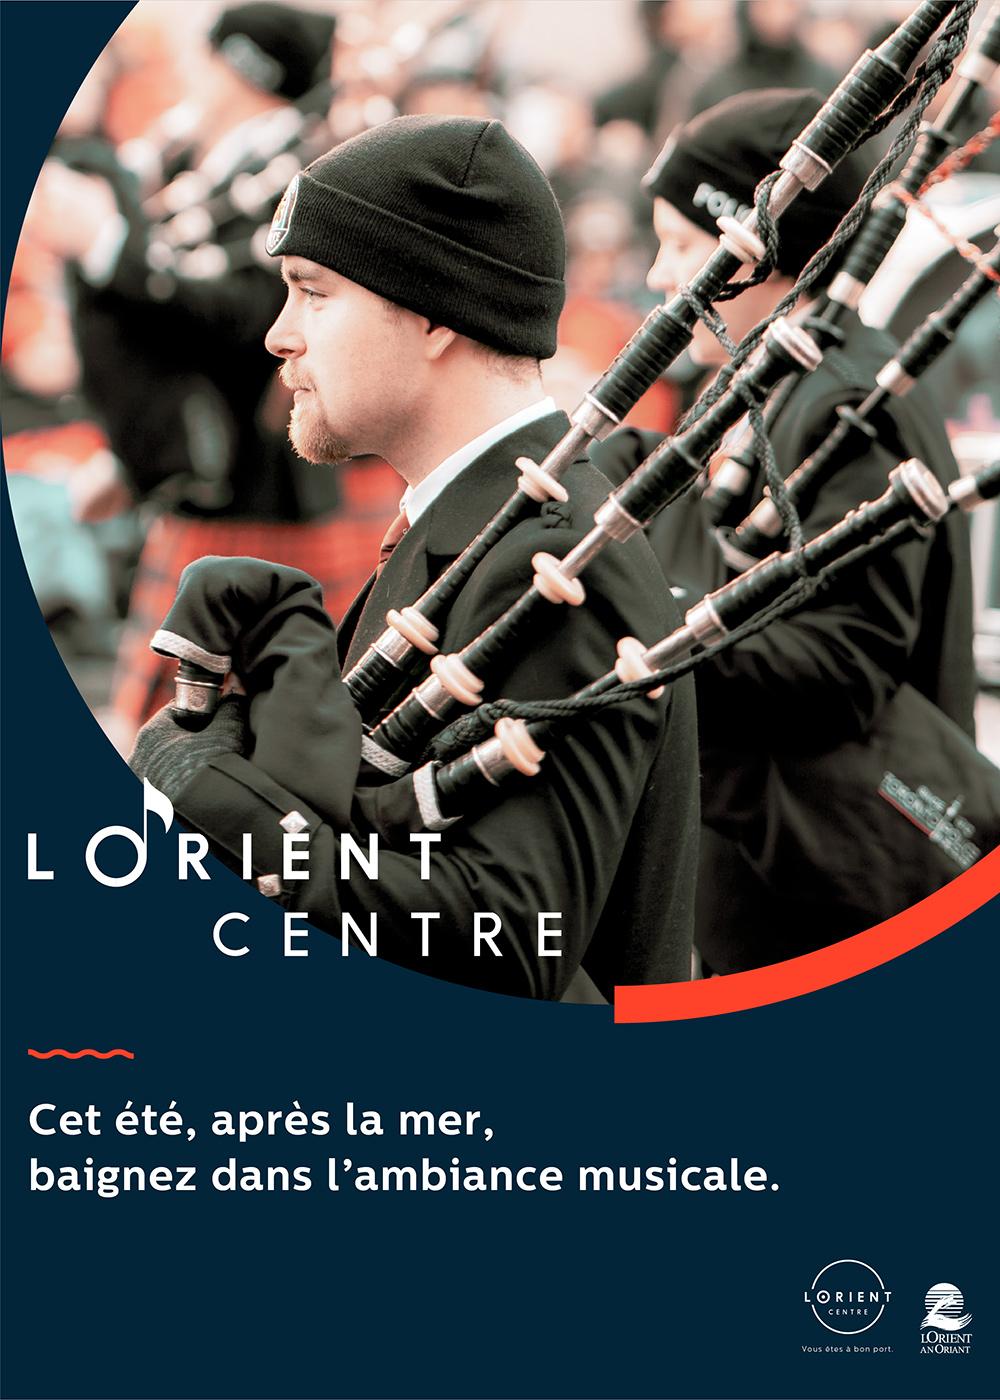 lorient-centre-ville-campagne-communication-3-2